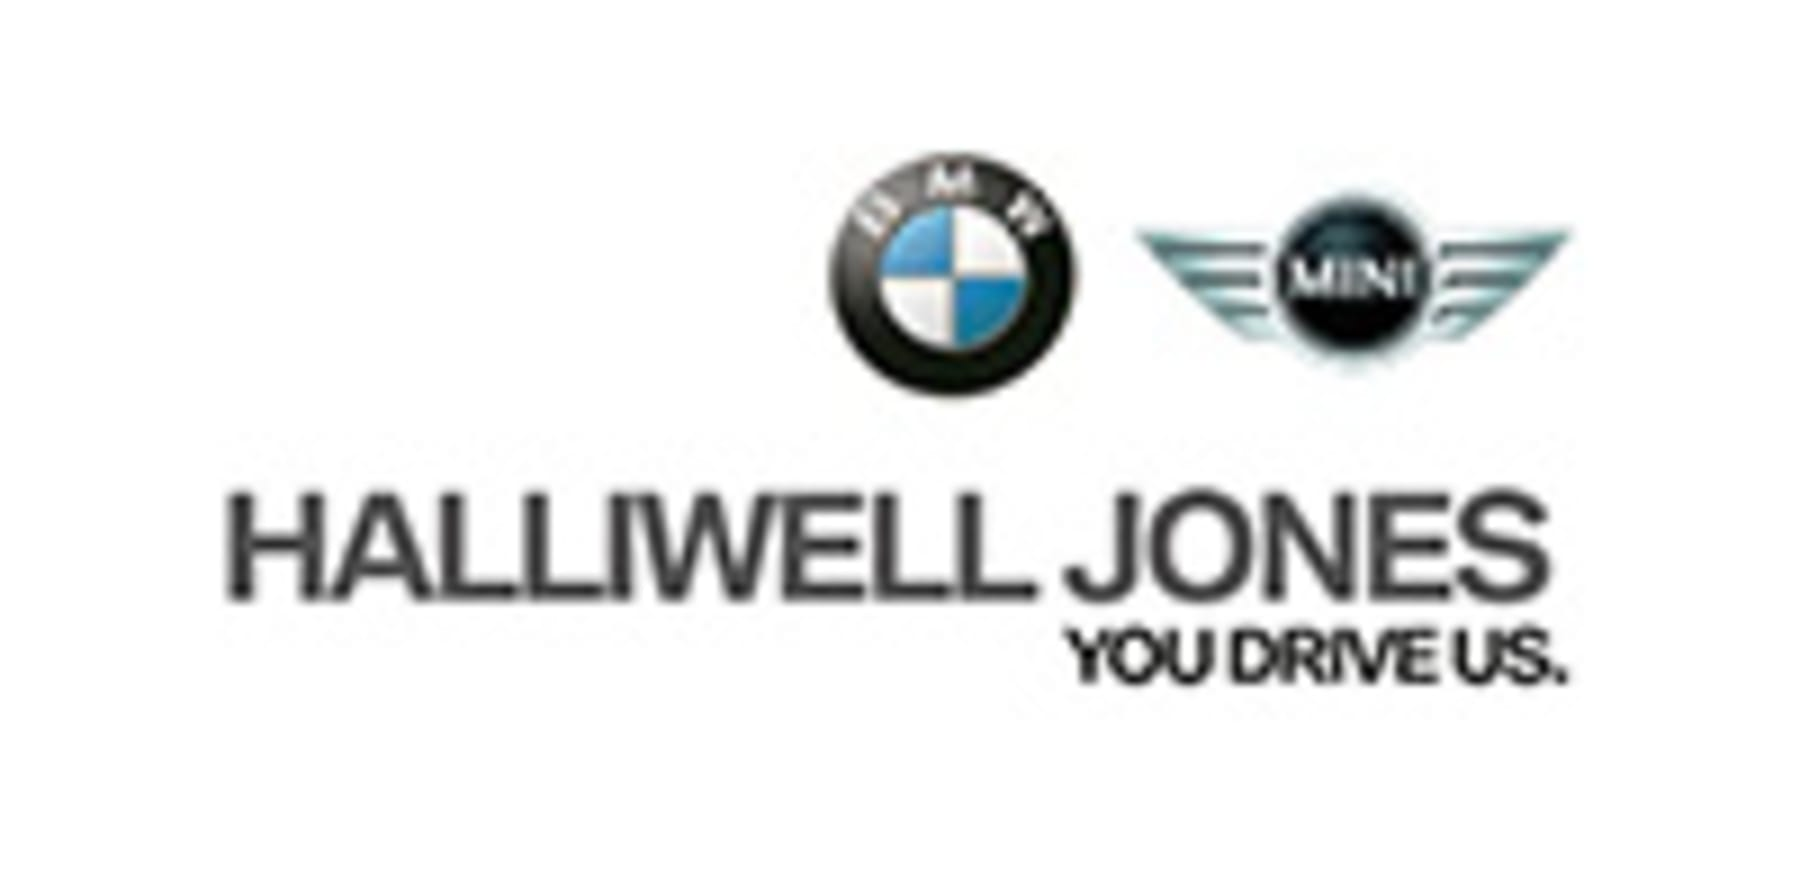 Halliwell Jones